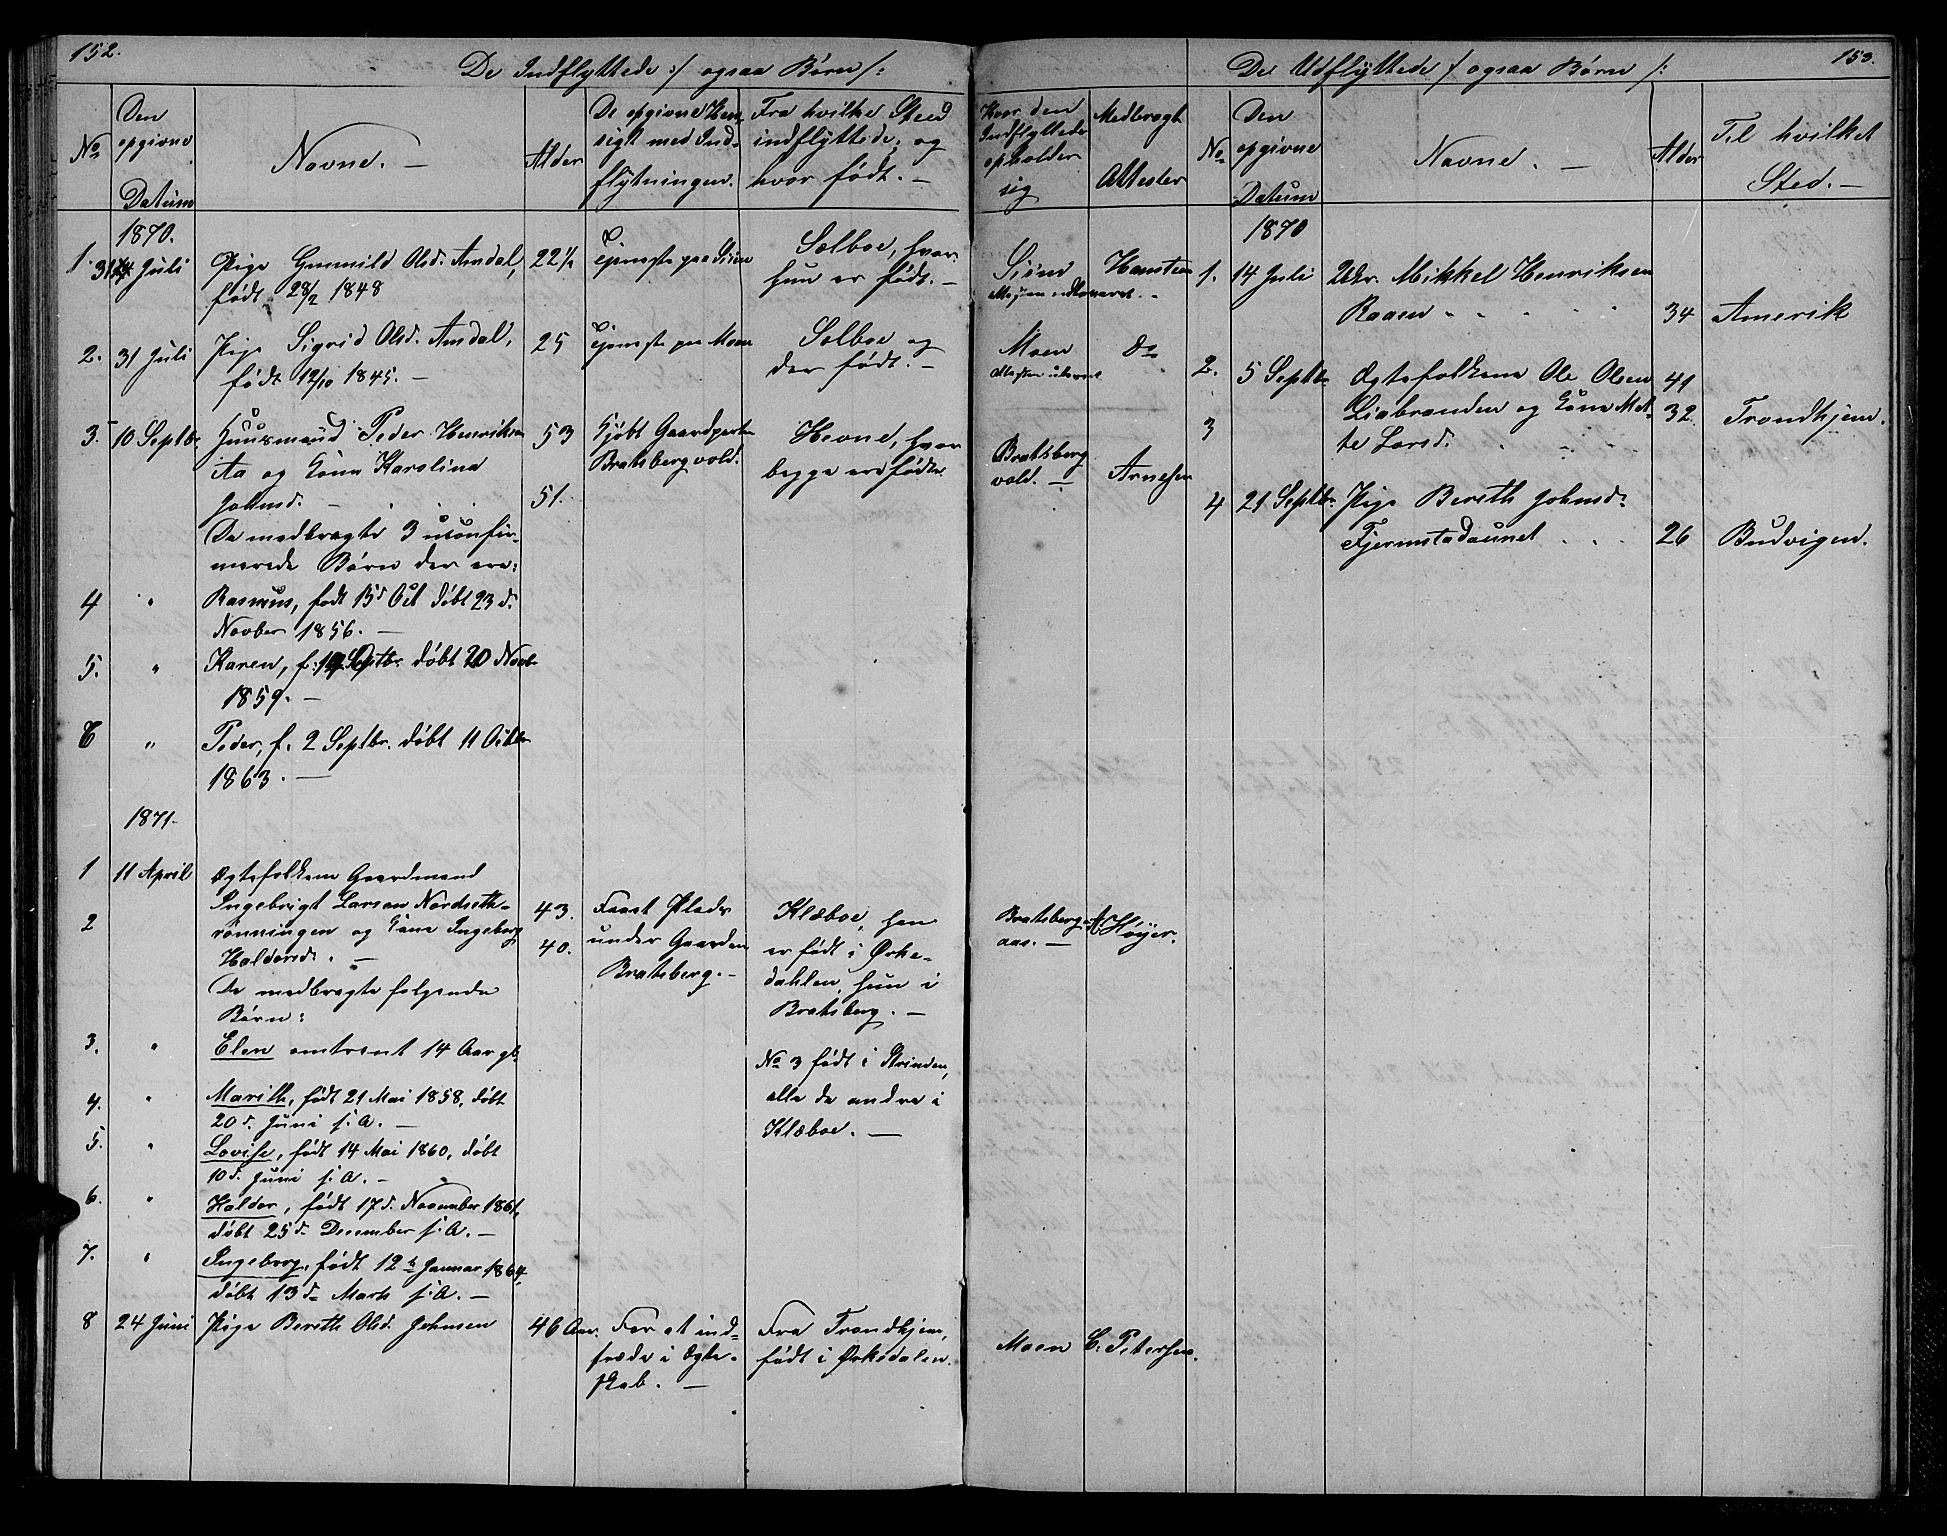 SAT, Ministerialprotokoller, klokkerbøker og fødselsregistre - Sør-Trøndelag, 608/L0340: Klokkerbok nr. 608C06, 1864-1889, s. 152-153